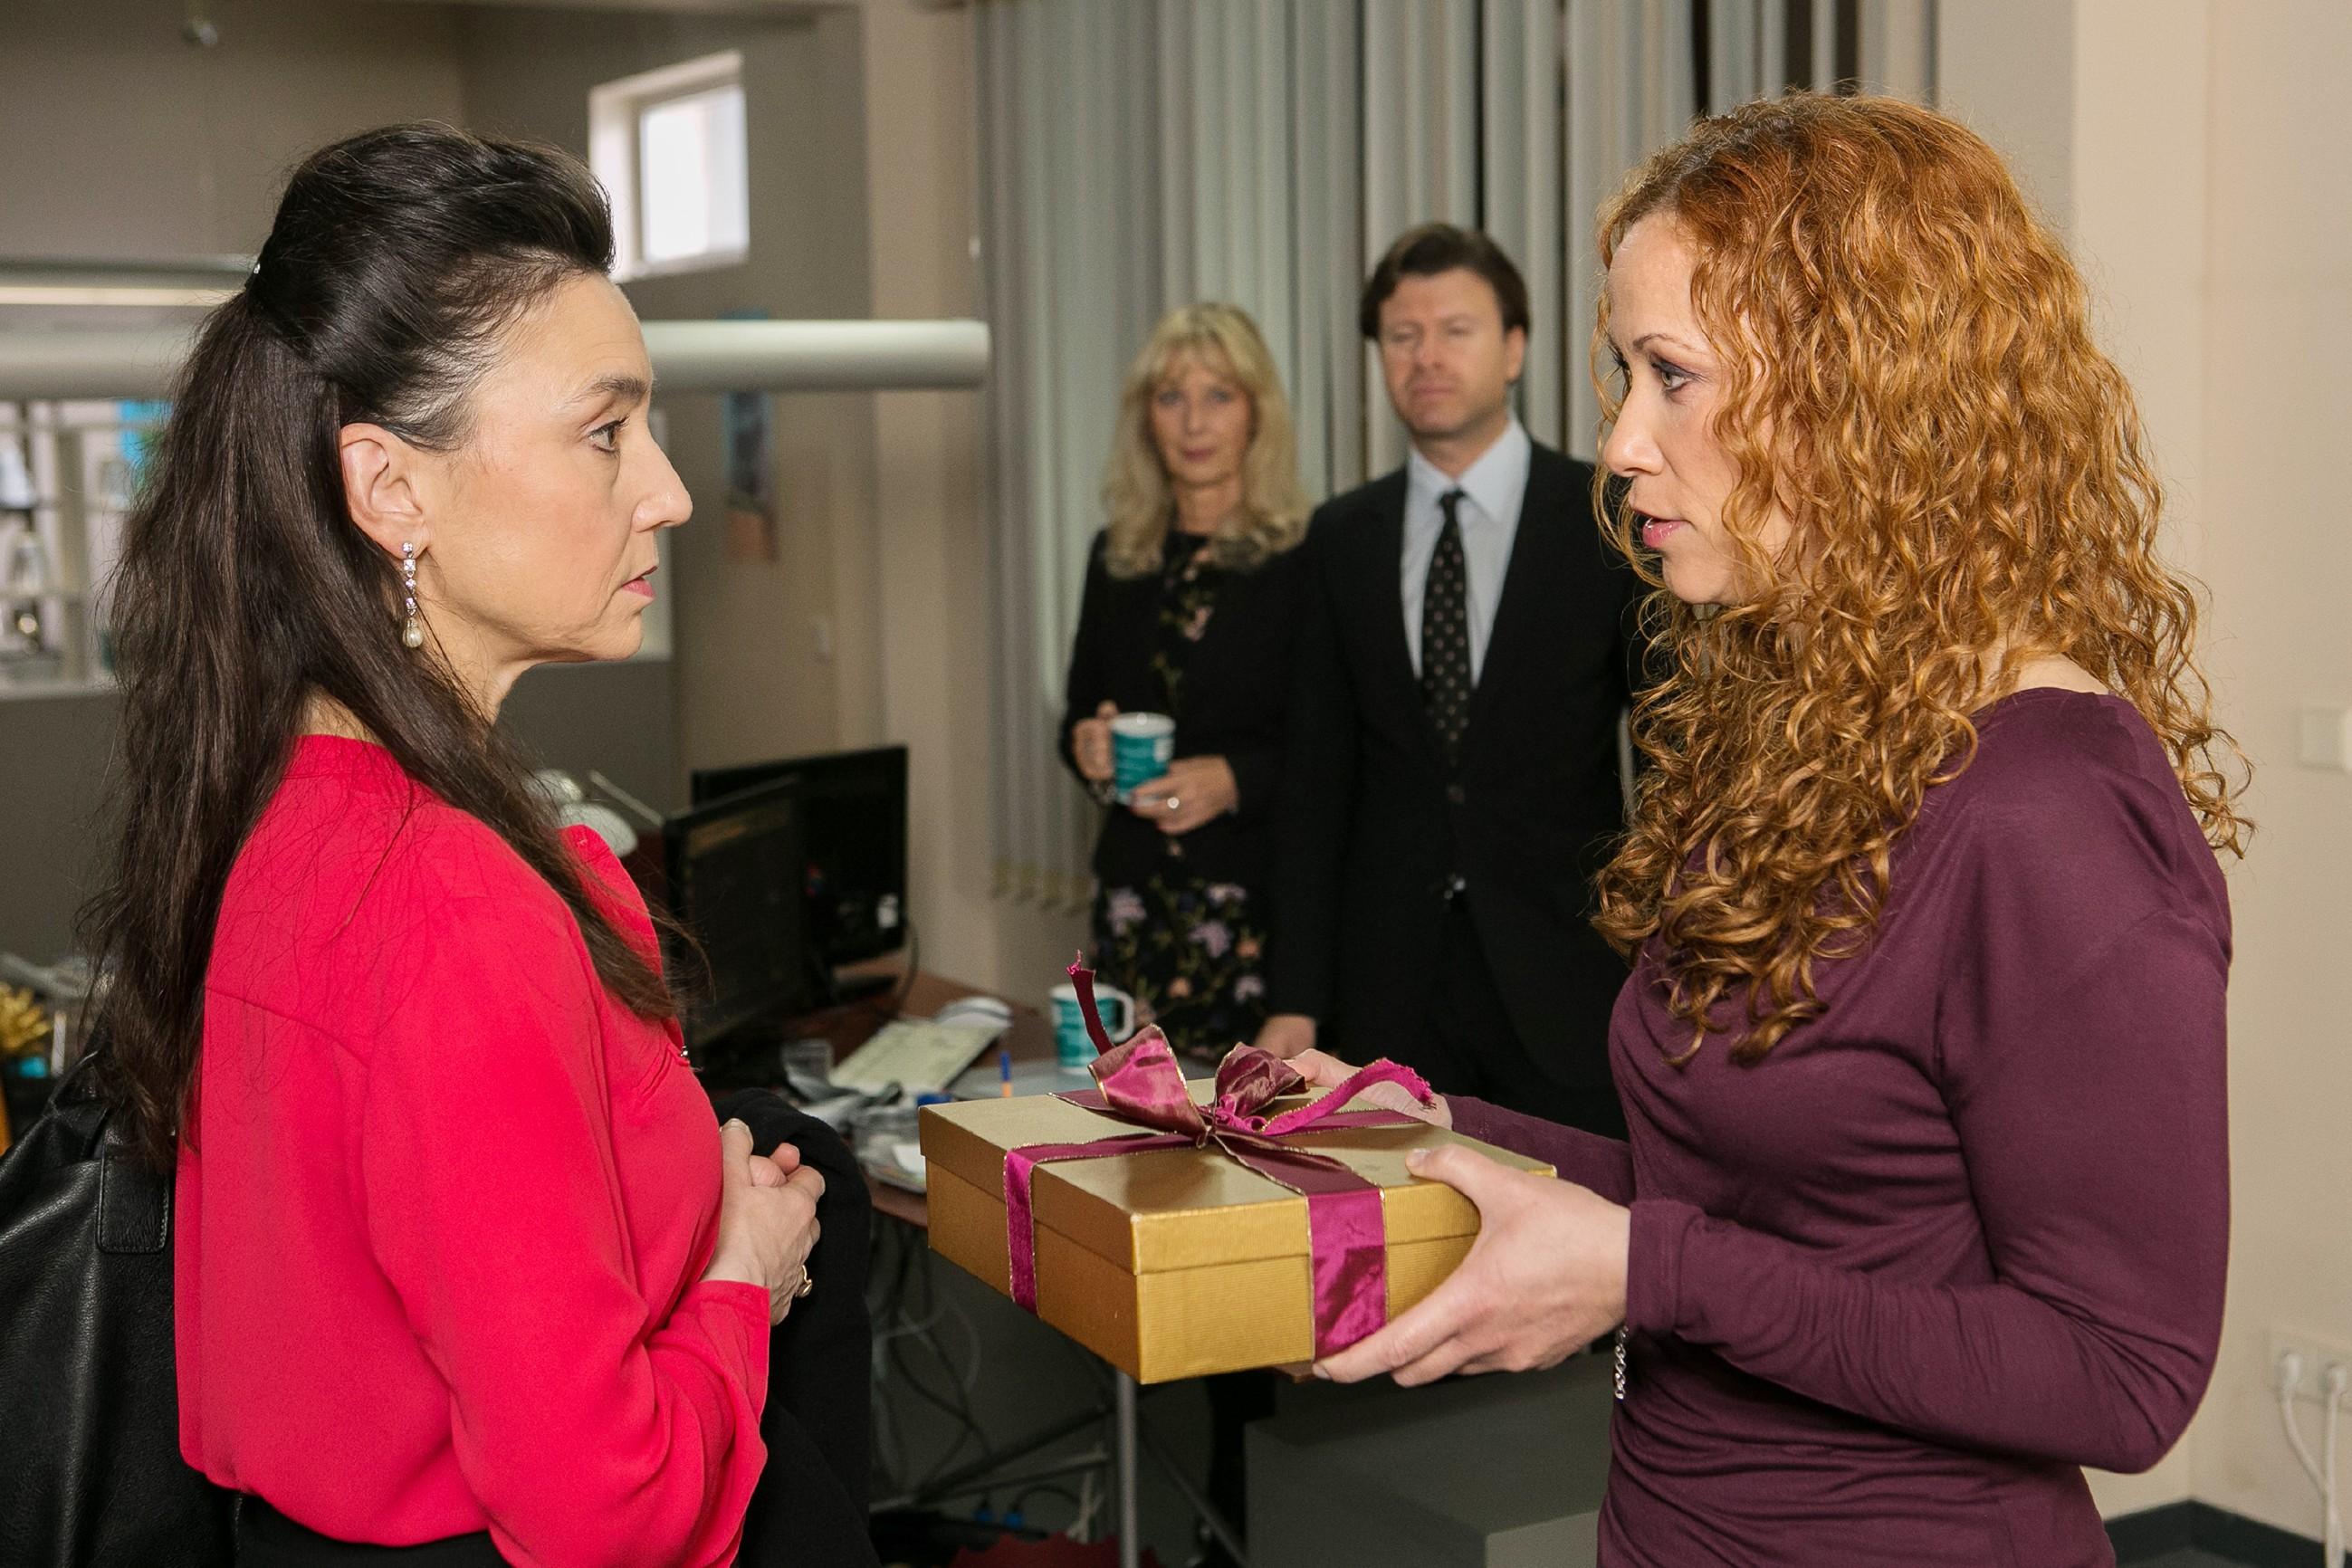 Simone (Tatjana Clasing, l.) bekommt von Brigitte (Madlen Kaniuth) ein Weihnachtsgeschenk überreicht und versucht - trotz ihrer großen Sorge um Richard - vor ihren Mitarbeitern die Haltung bewahren. (Quelle: RTL / Kai Schulz)